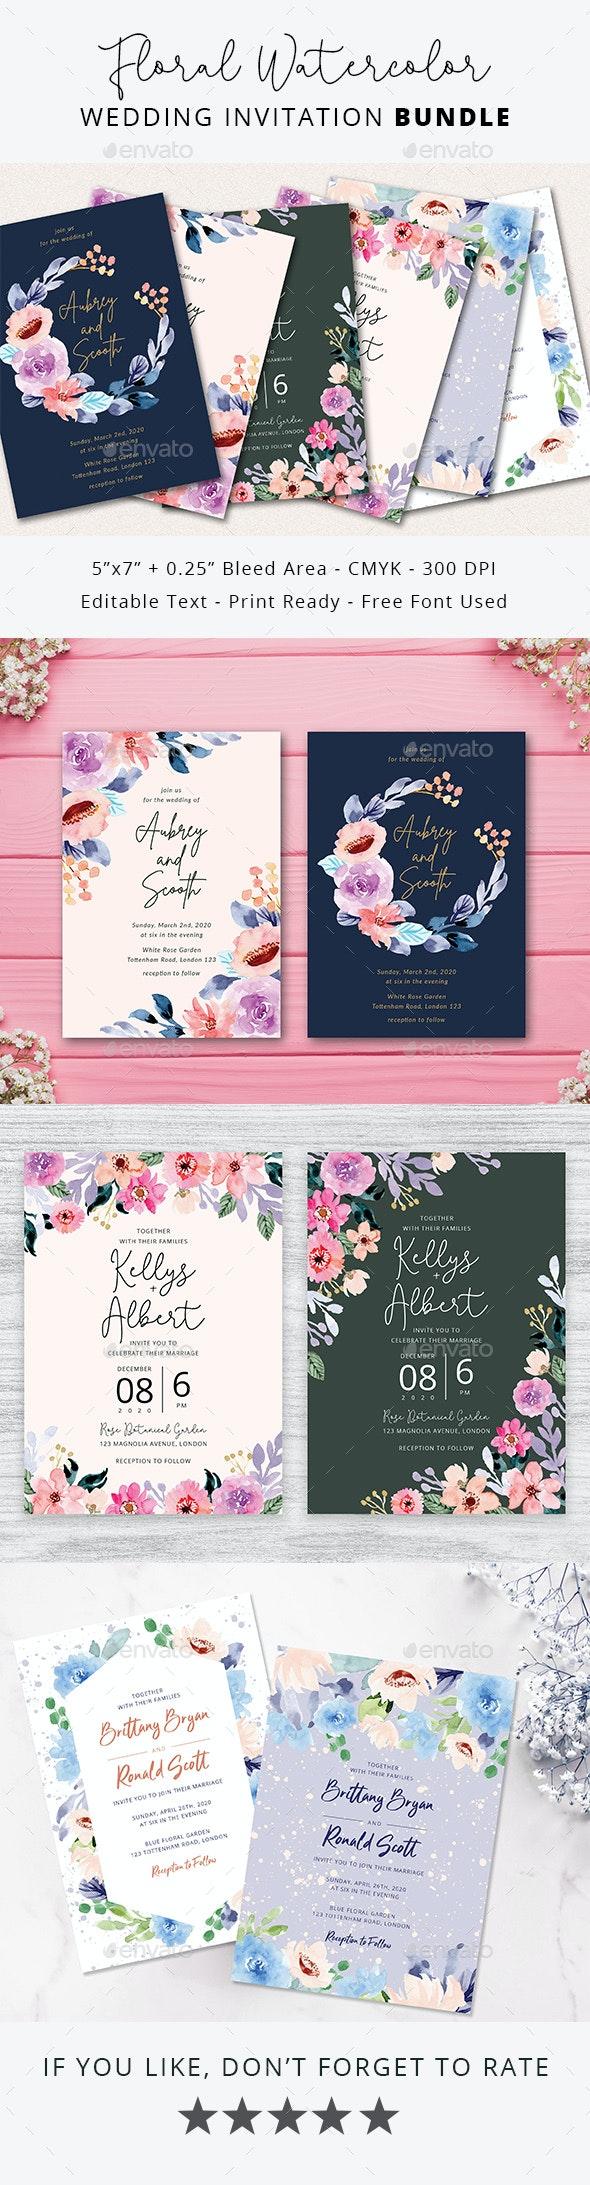 Floral Watercolor Wedding Invitation Bundle - Weddings Cards & Invites